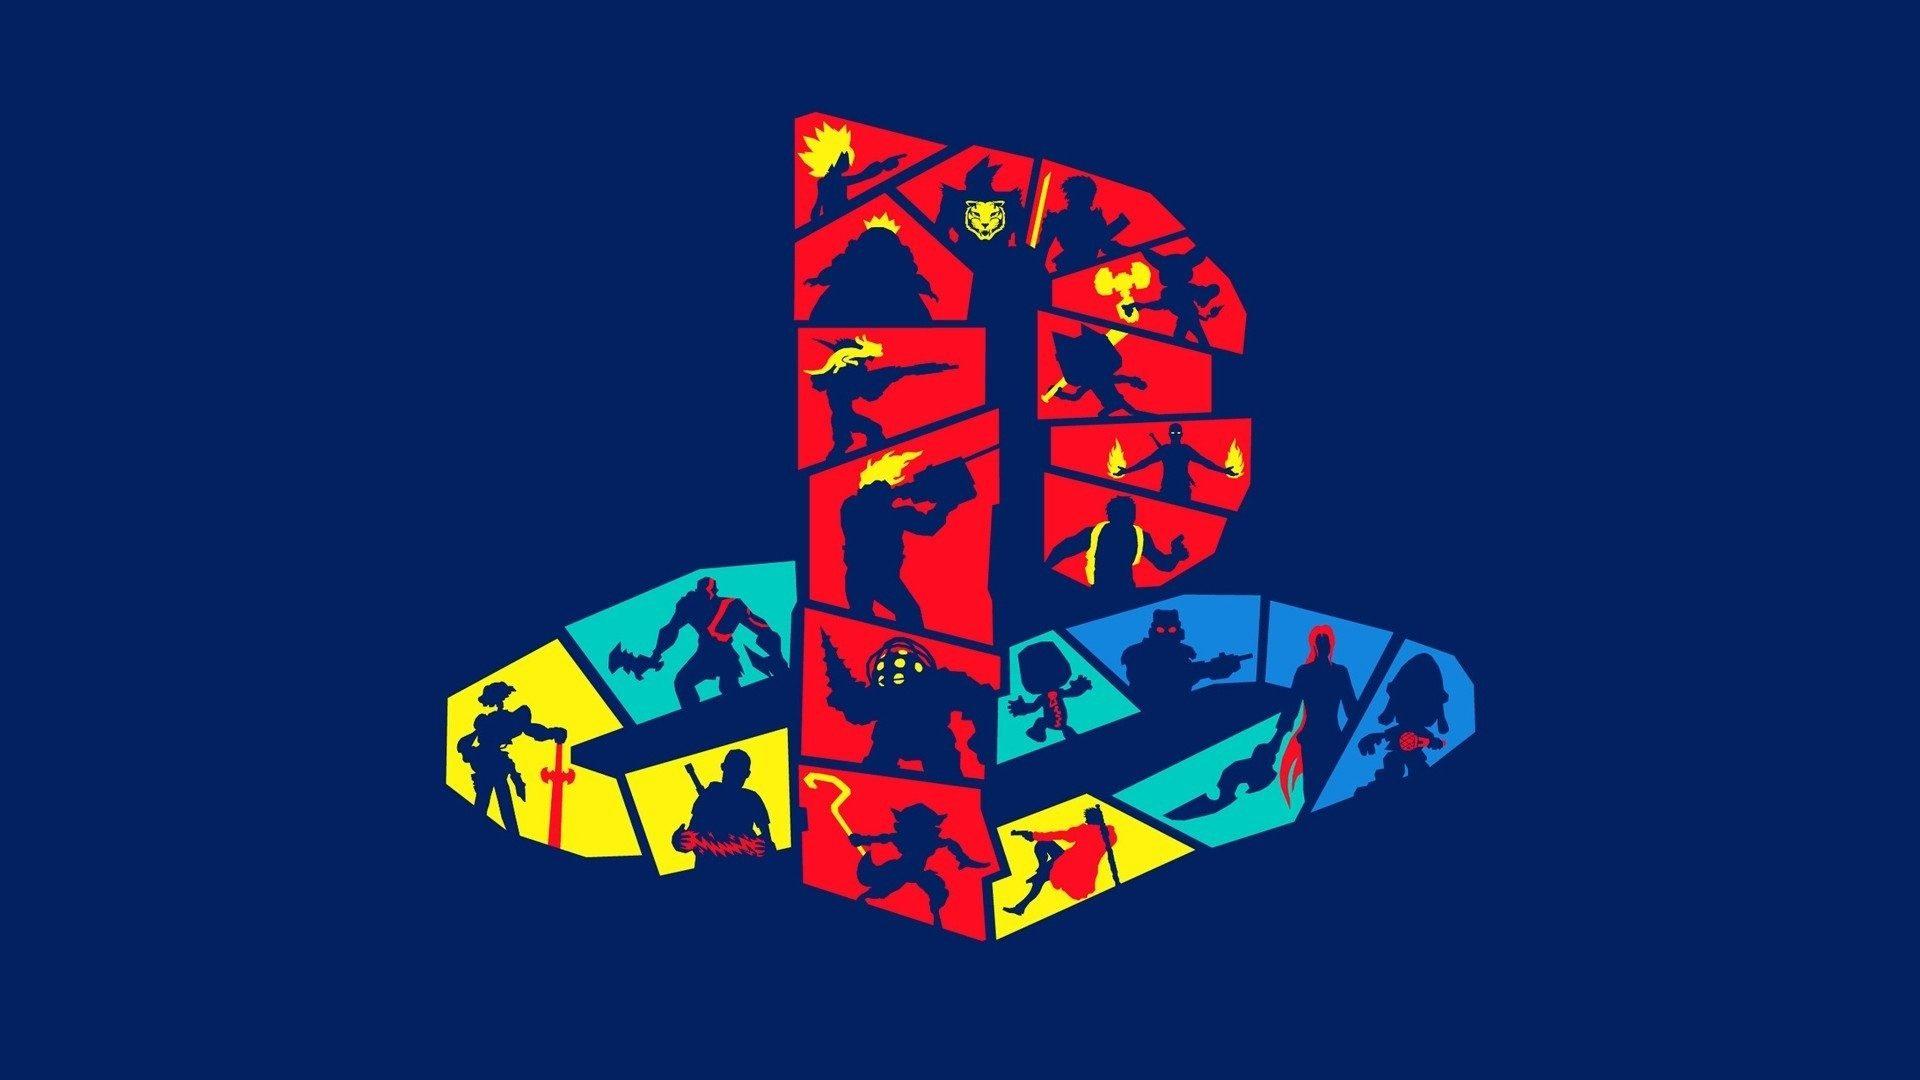 Sonunda geliyor! PS5 İçin Resmi Başvuru Yapıldı